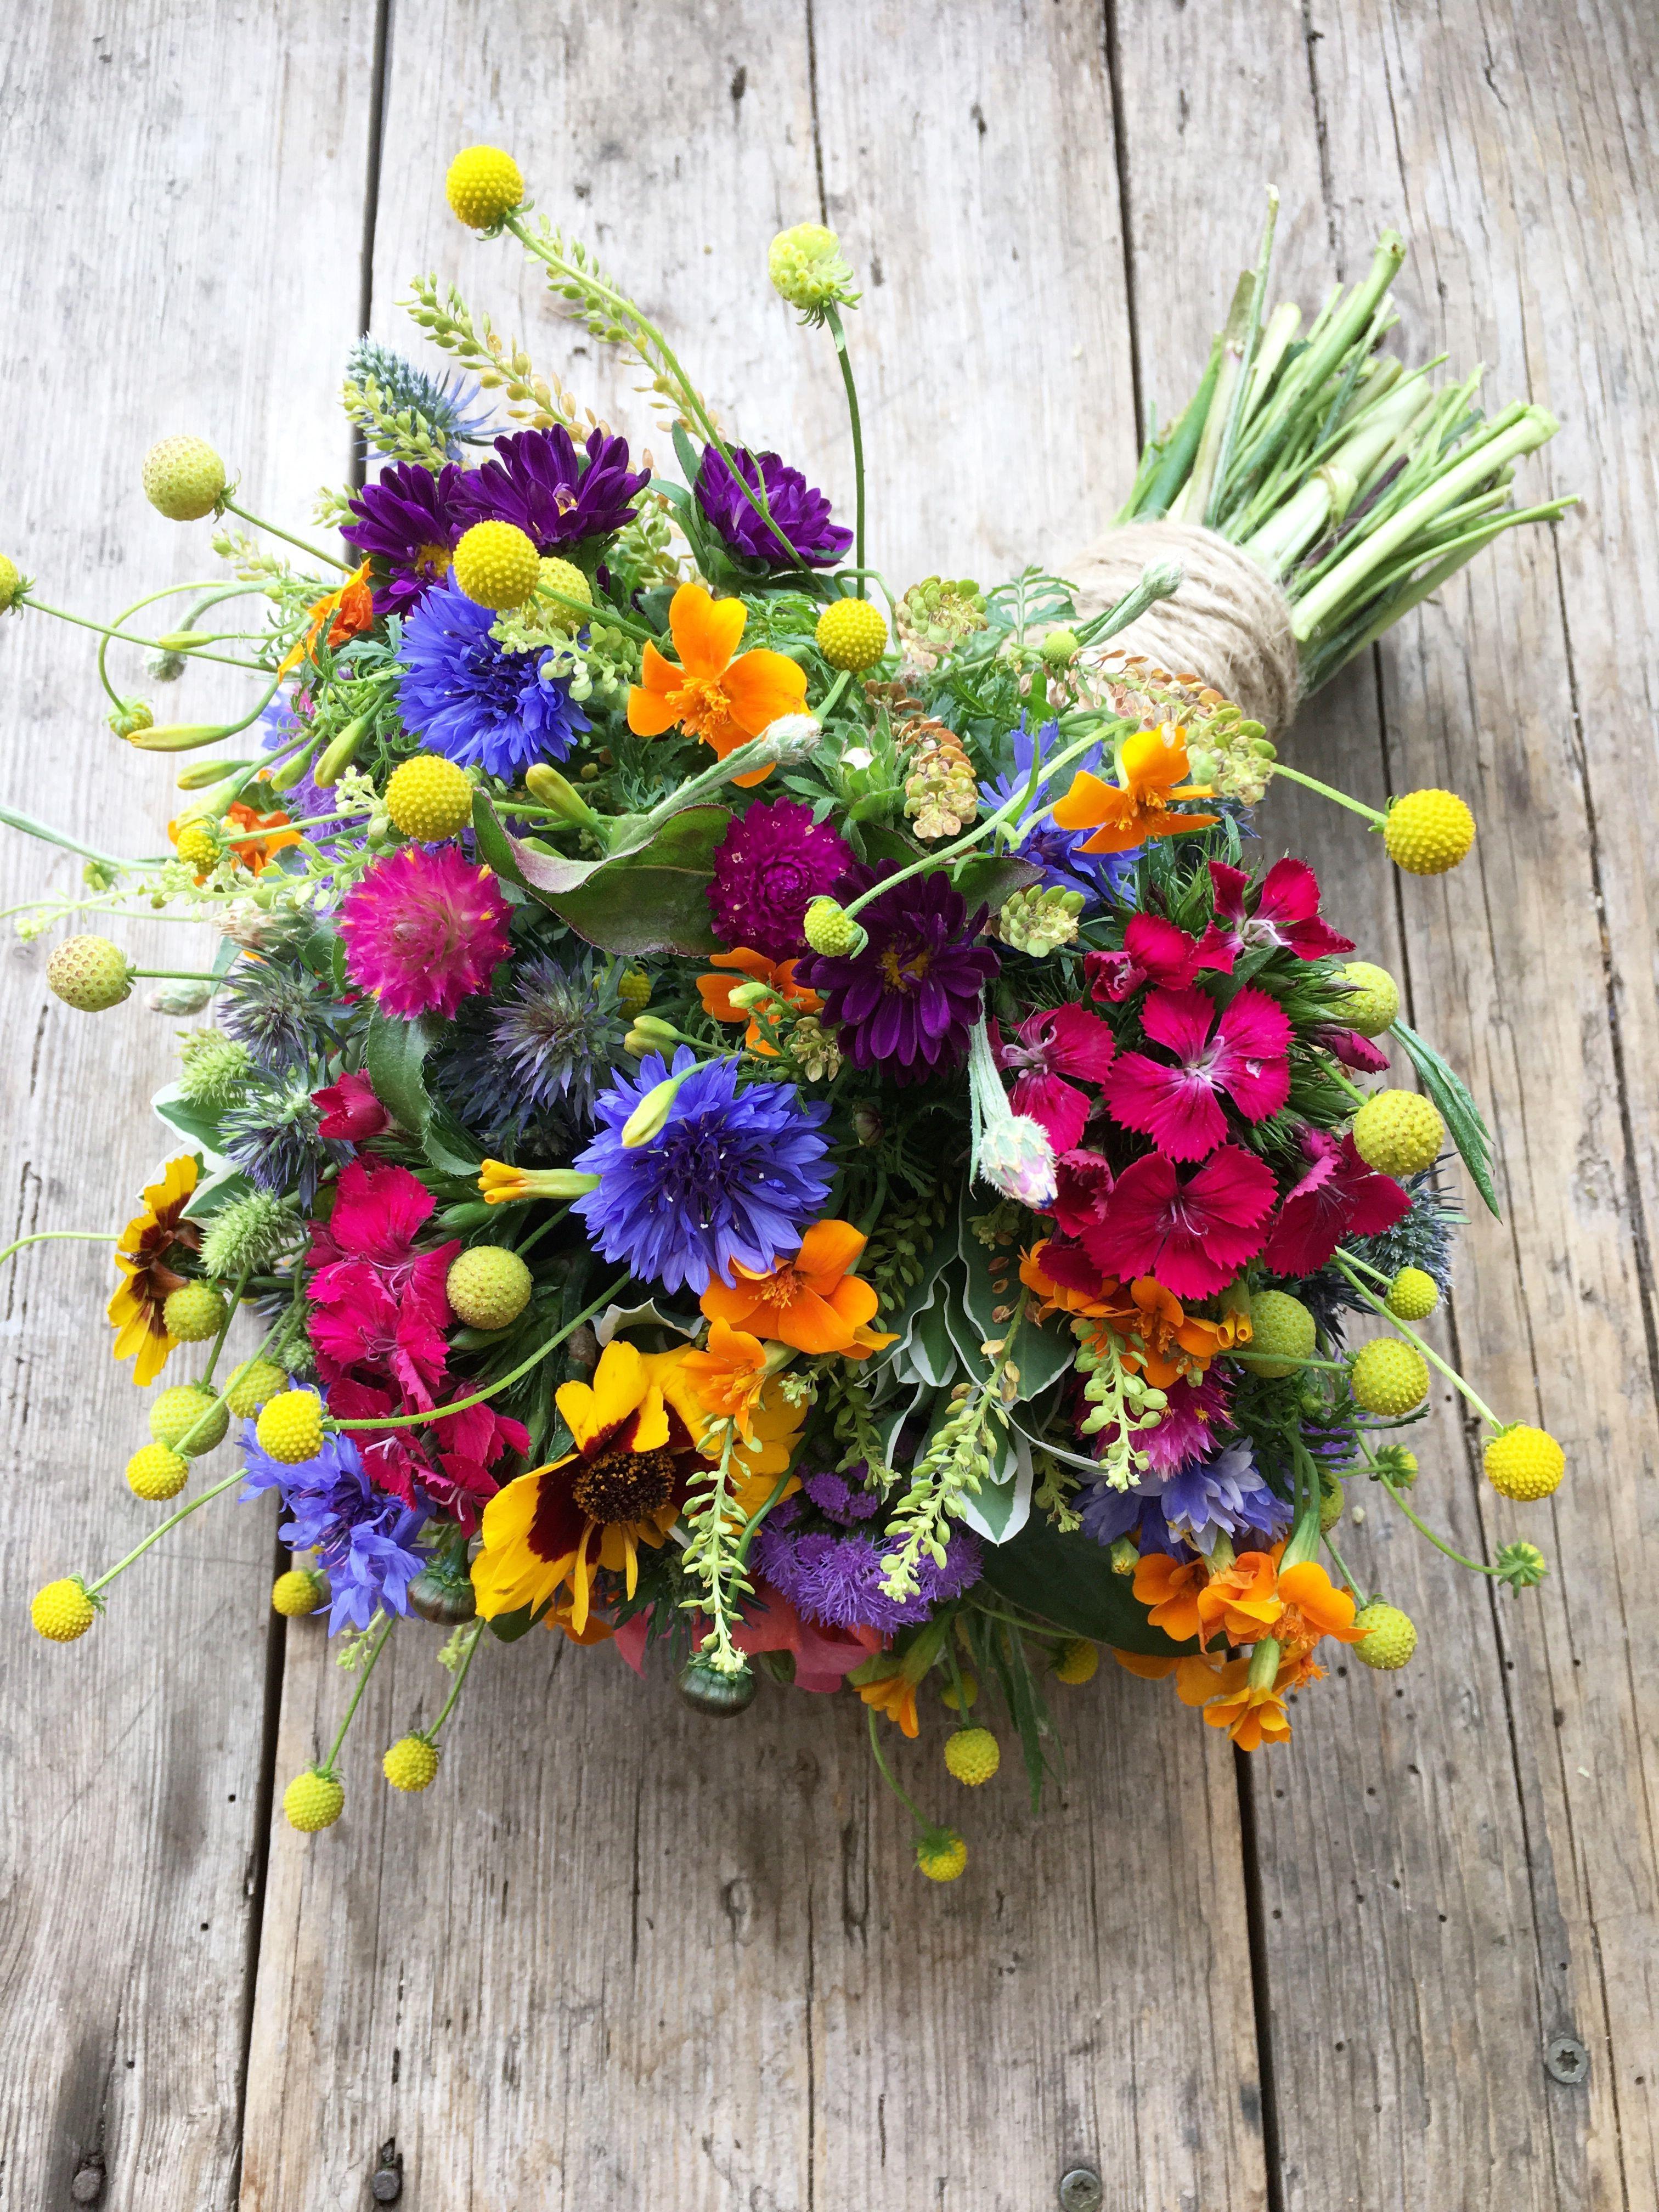 Blooms Deko Ideen Hochzeit Something Different For A Bride Whose